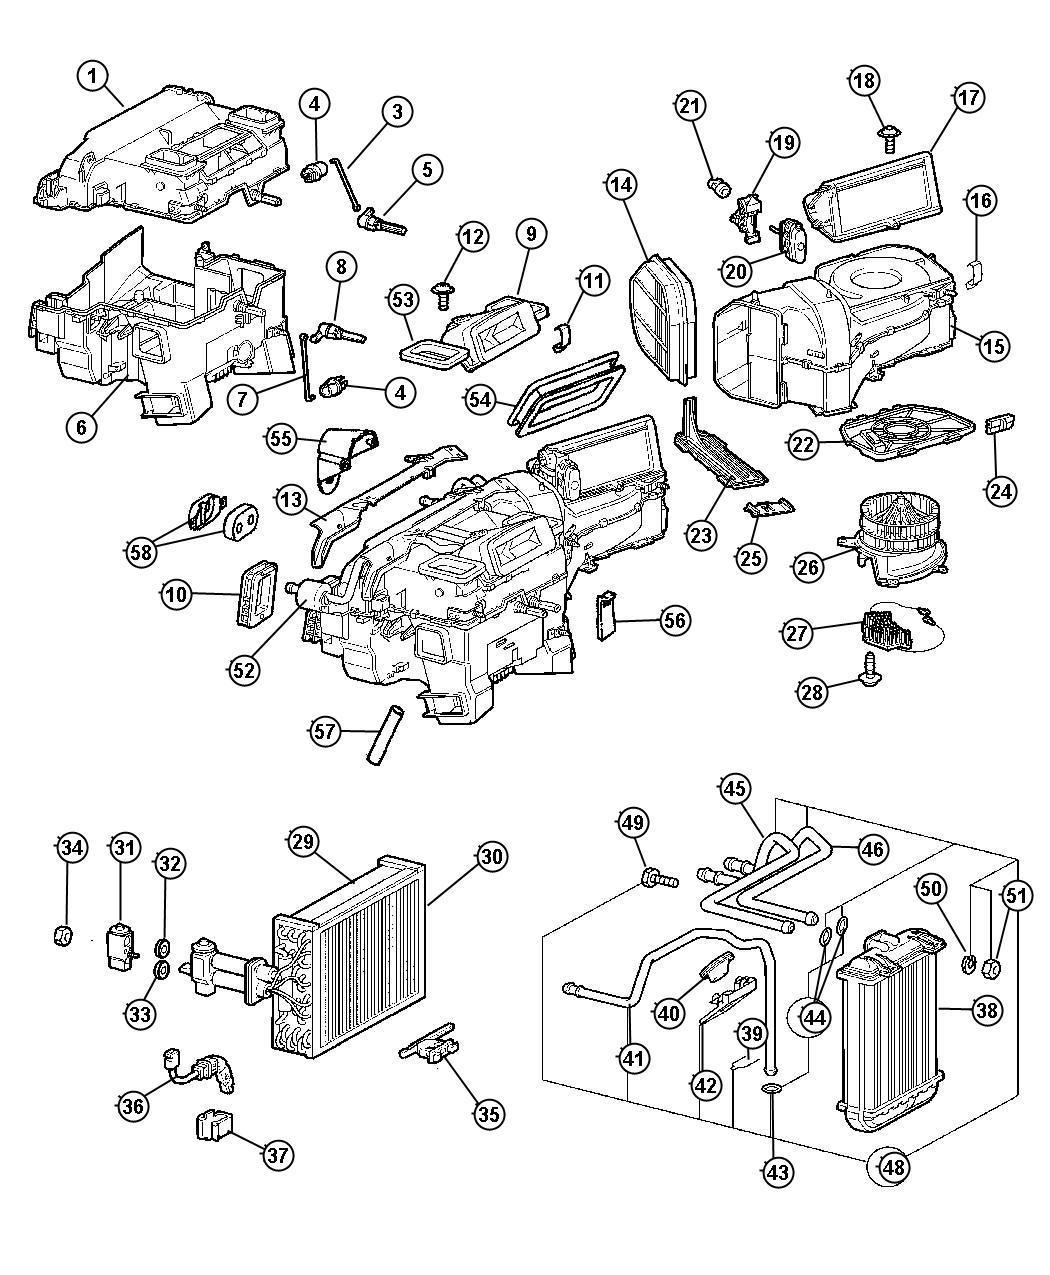 2005 mercedes c320 fuse diagram on c230 2007 engine diagram